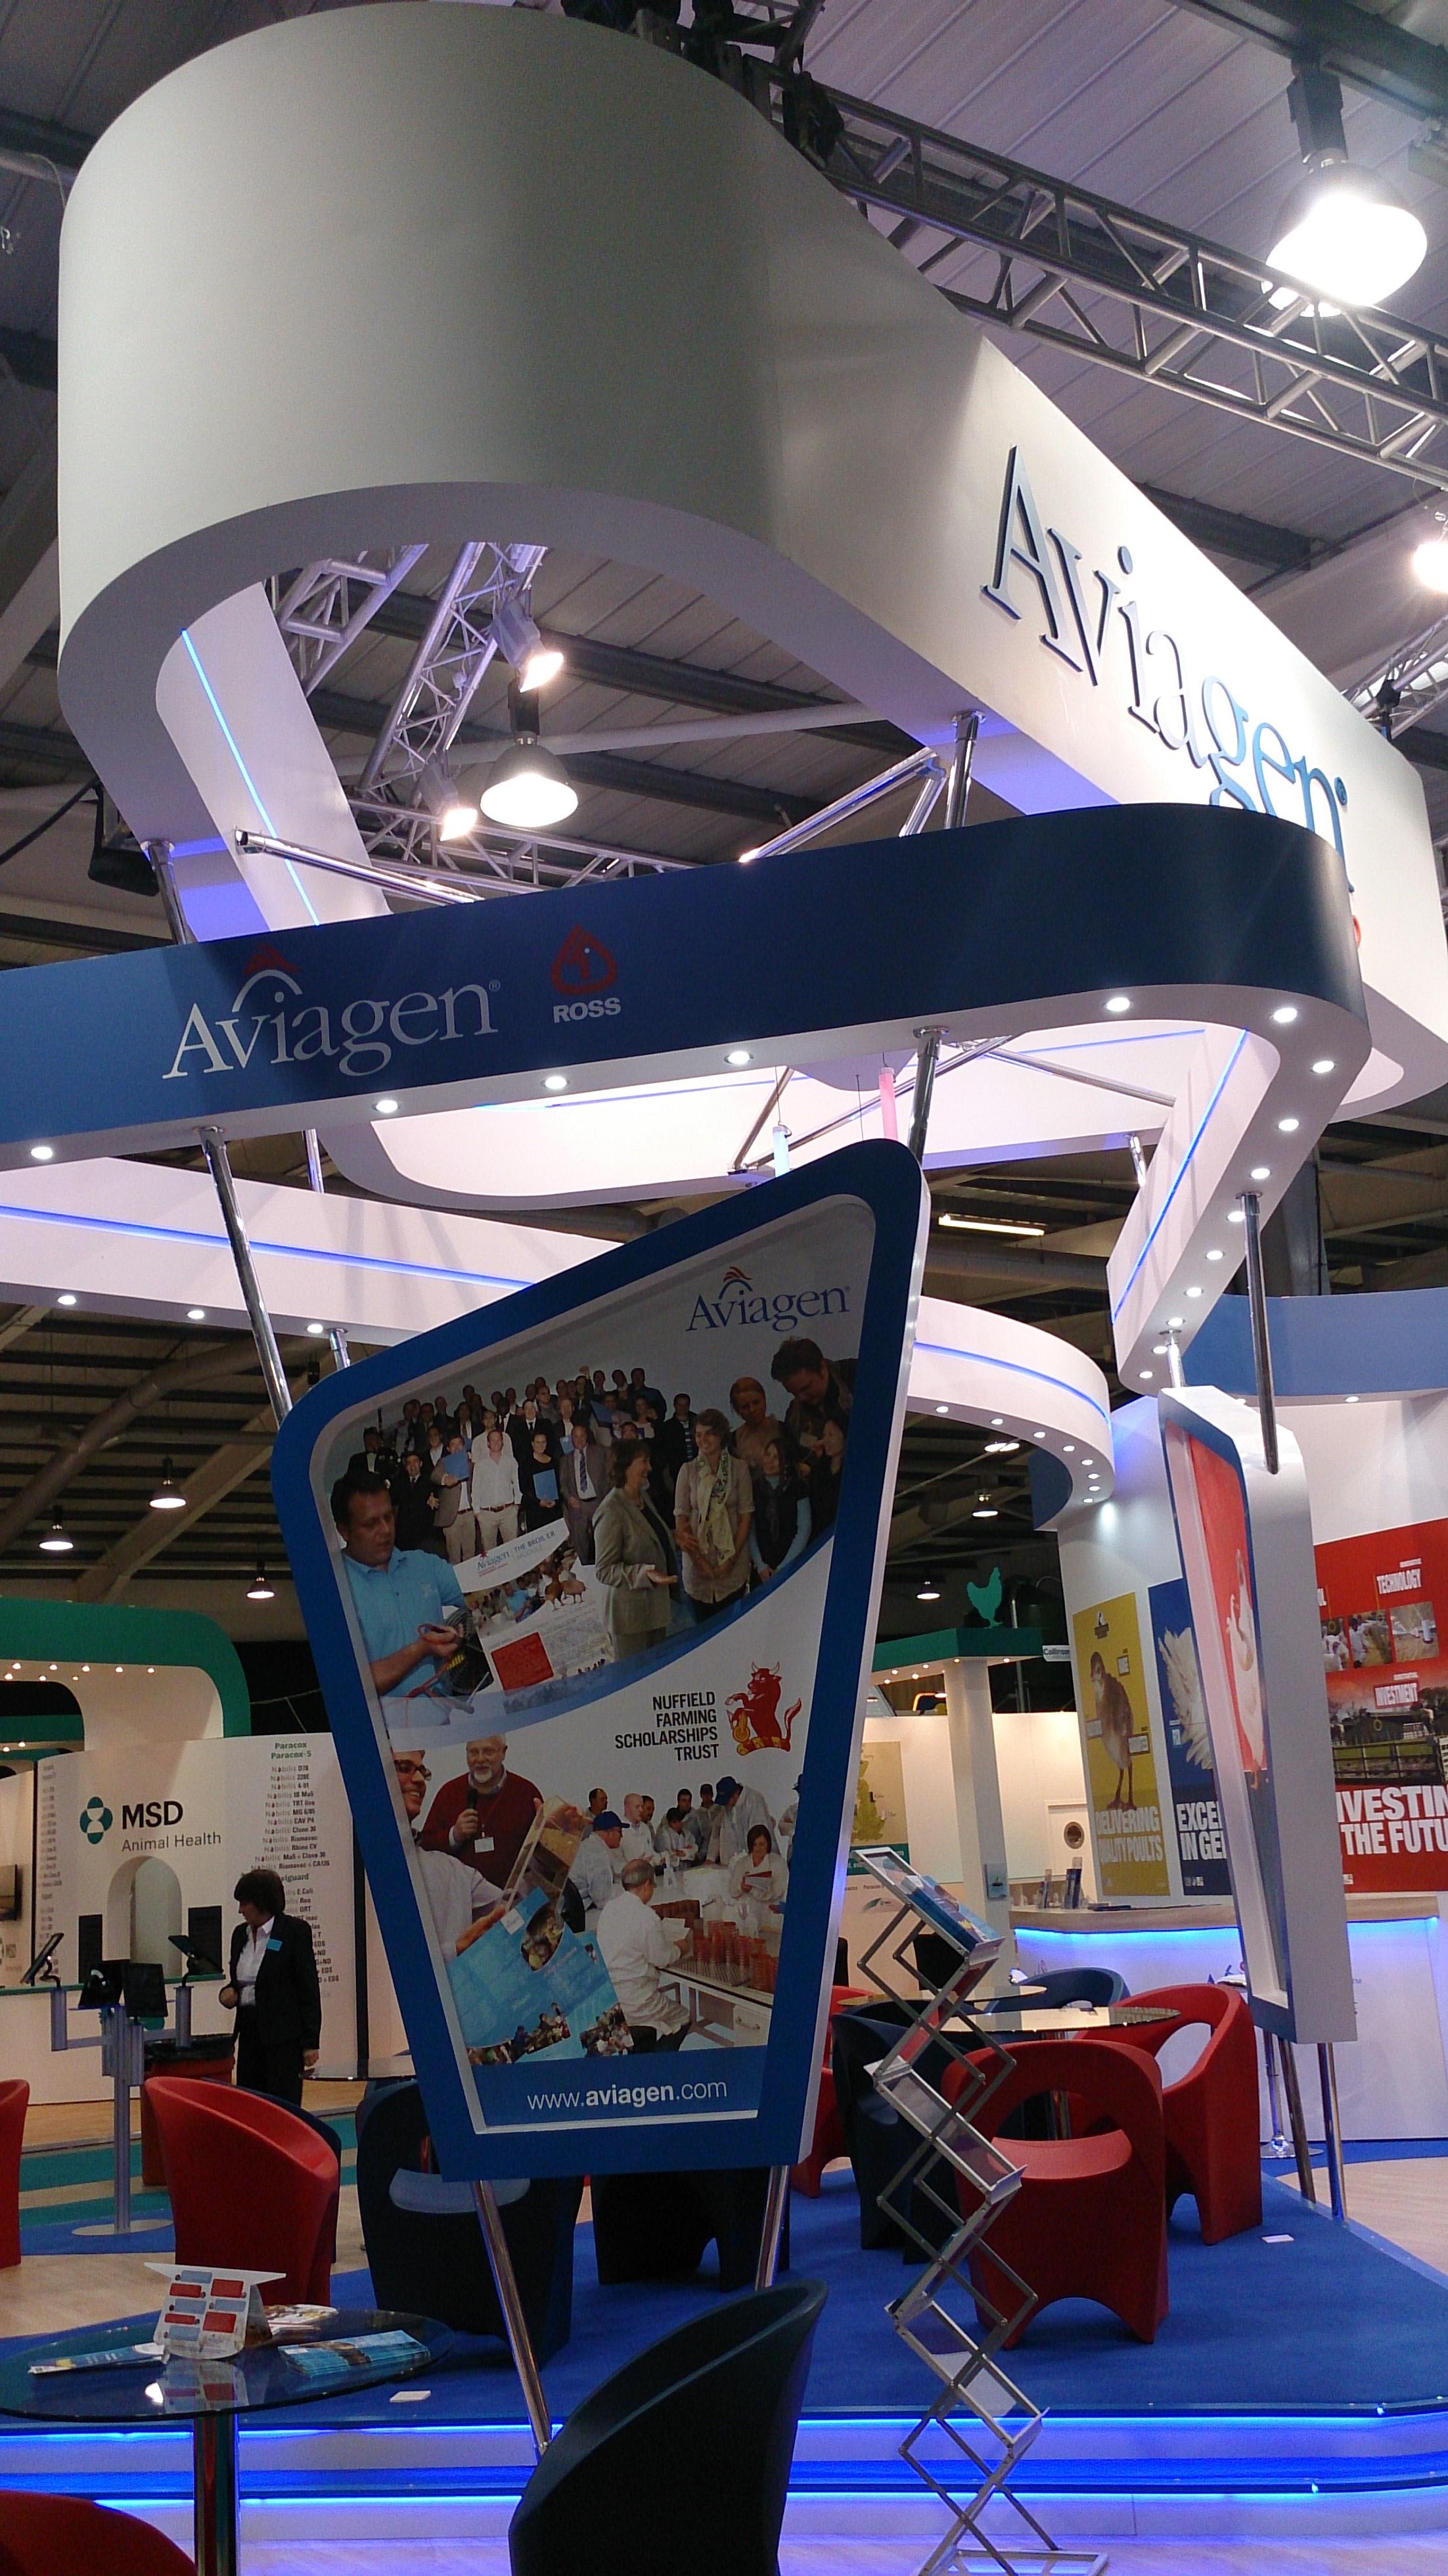 Aviagen-exhibition-stand-graphic